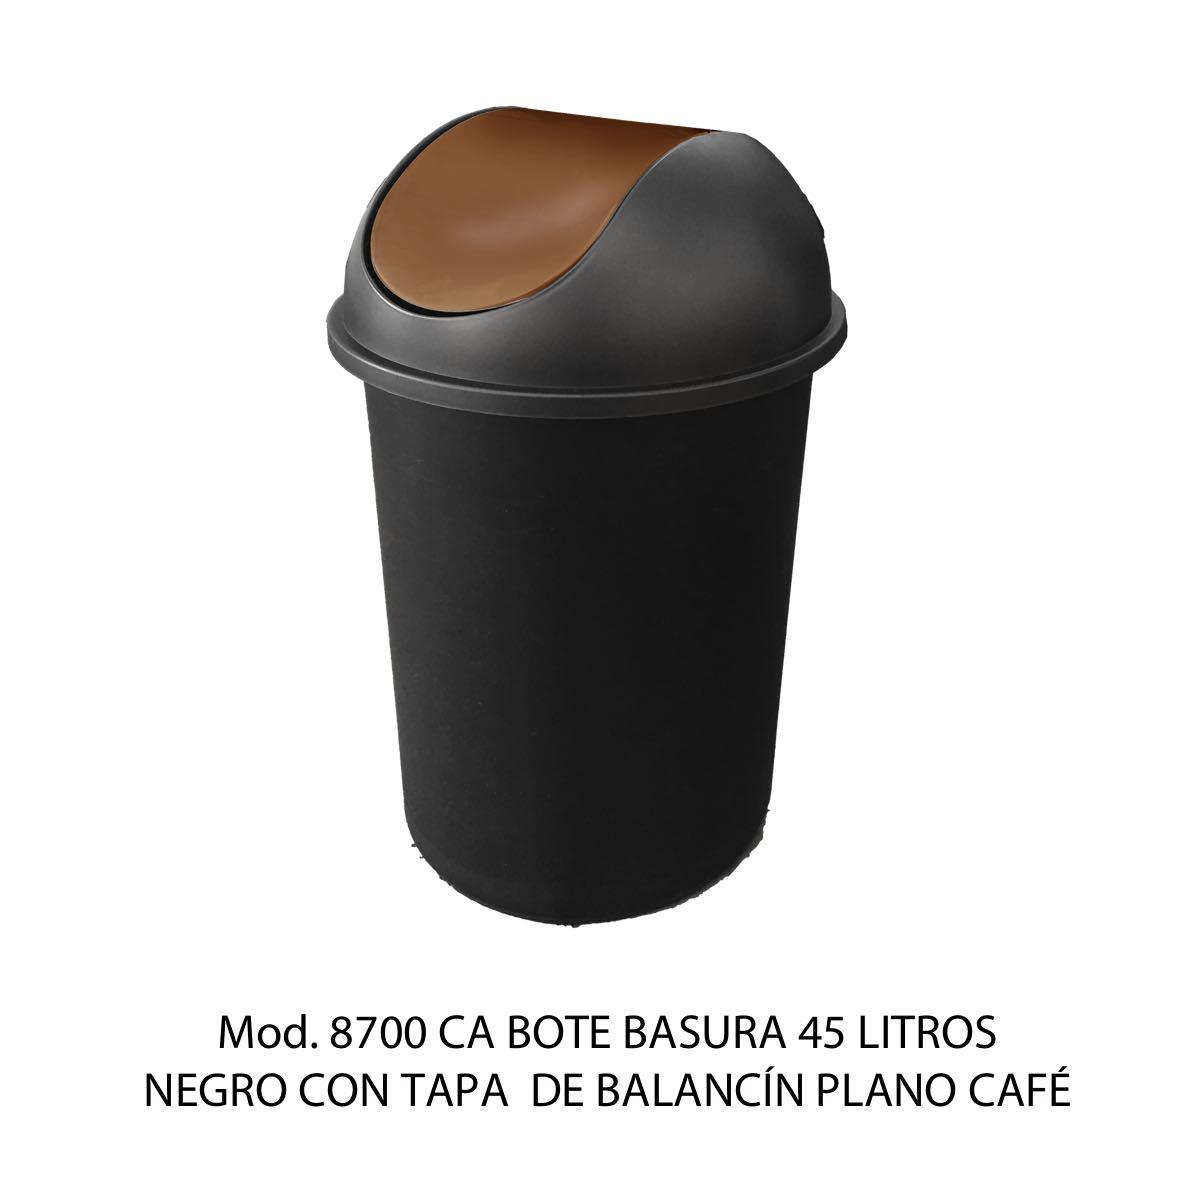 Bote de basura redondo negro de 45 litros con tapa cafe tipo balancín liso modelo 8700 CA - Sablón